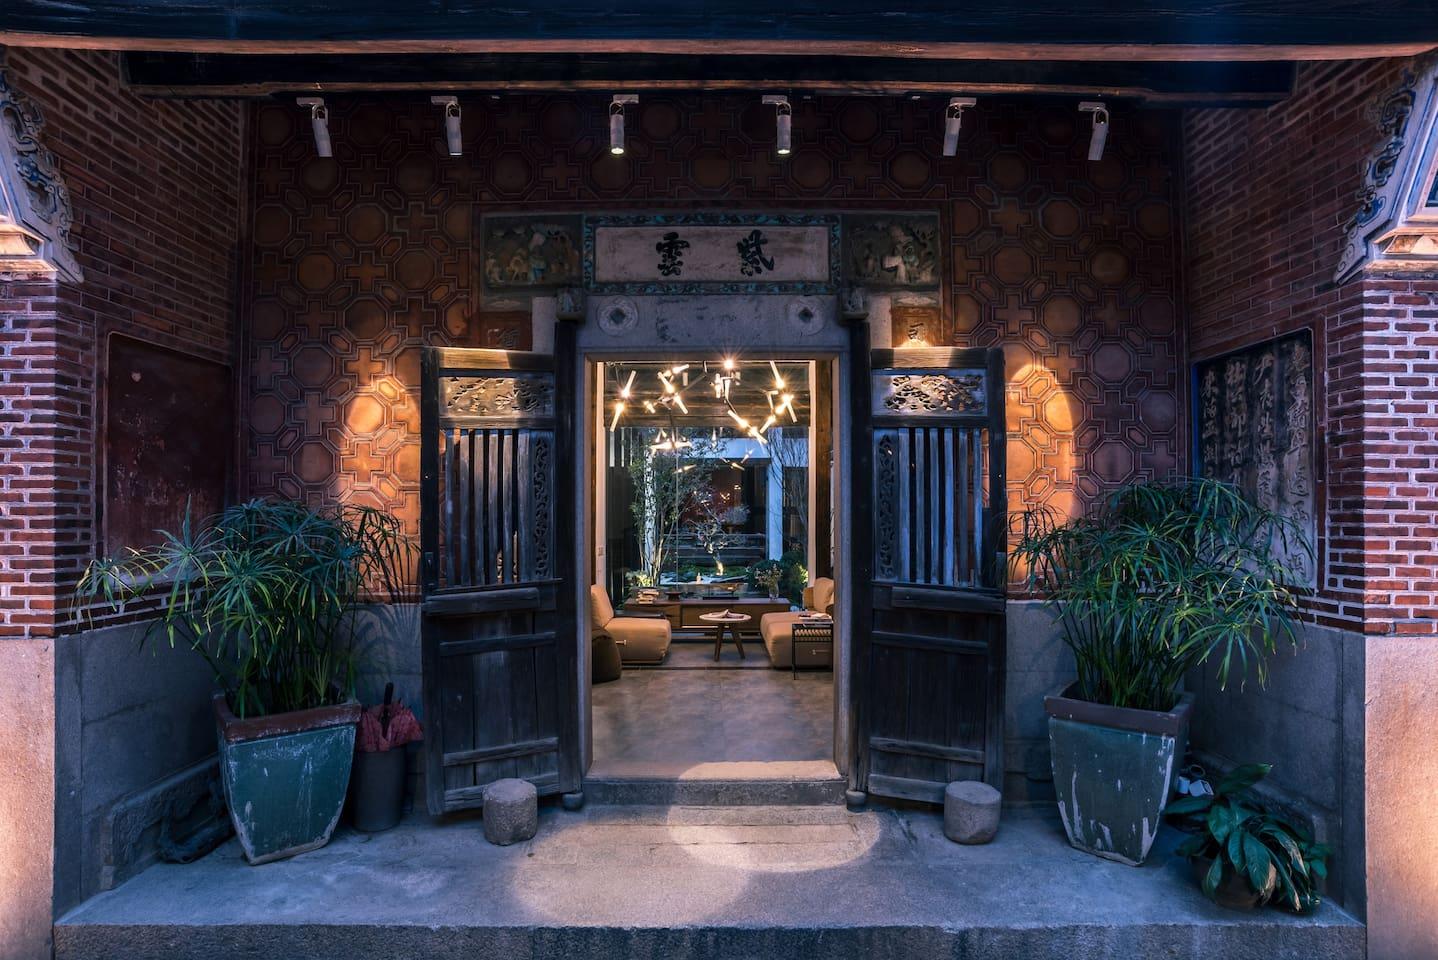 百年古厝,入户大门,光绪年间的建筑完整保留